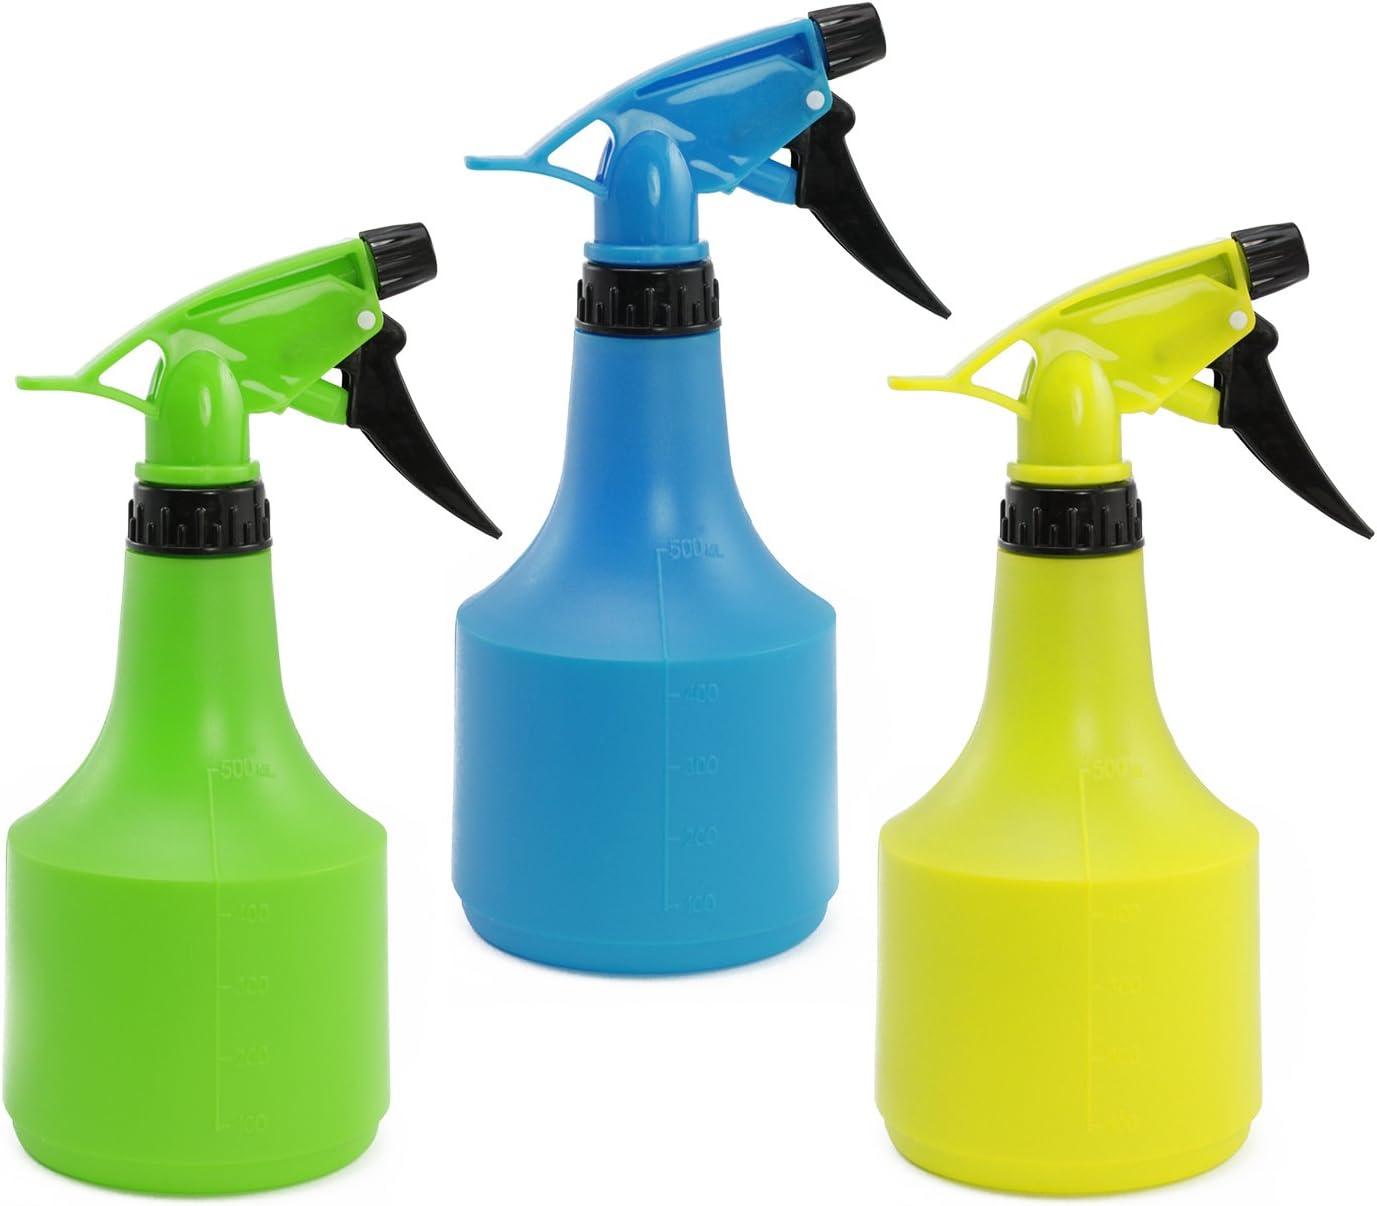 com-four® Pulverizador de Flores 3X en Colores Vivos de al Menos 0,5 litros, para peluquerías o para regar Tus Plantas (3 Piezas 0.5L de Colores)